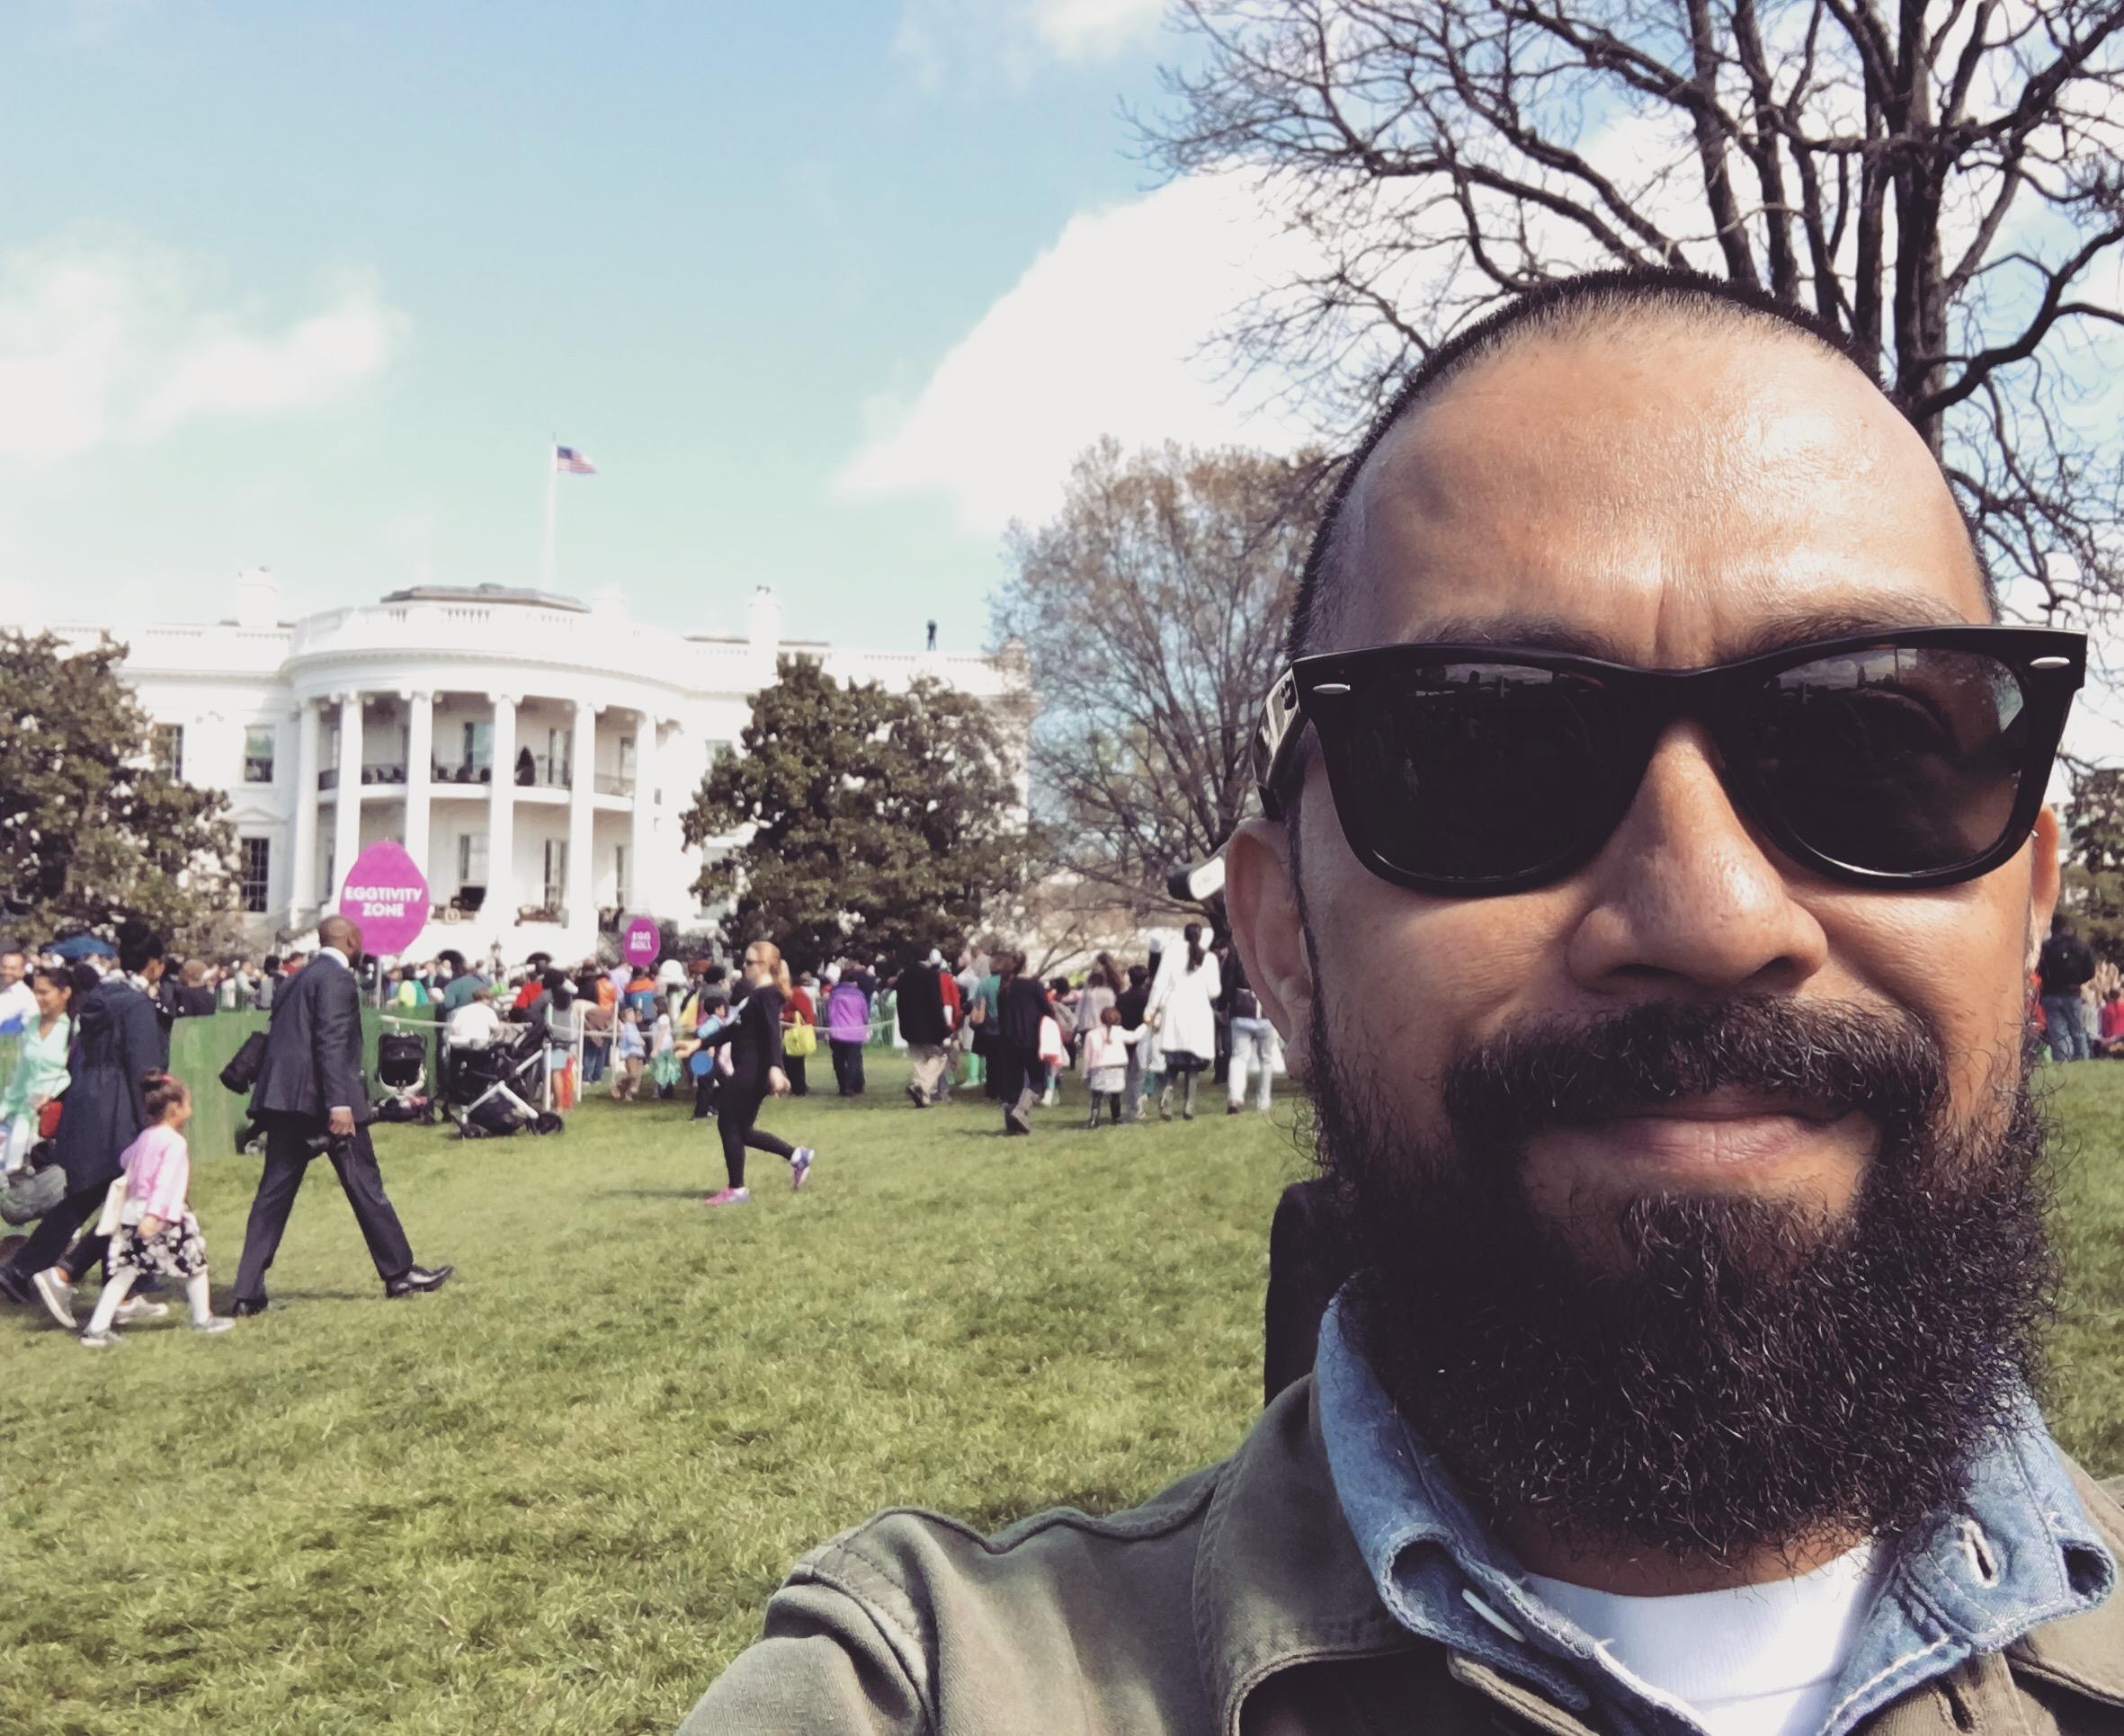 2016 White House Easter Egg Roll - Washington DC.